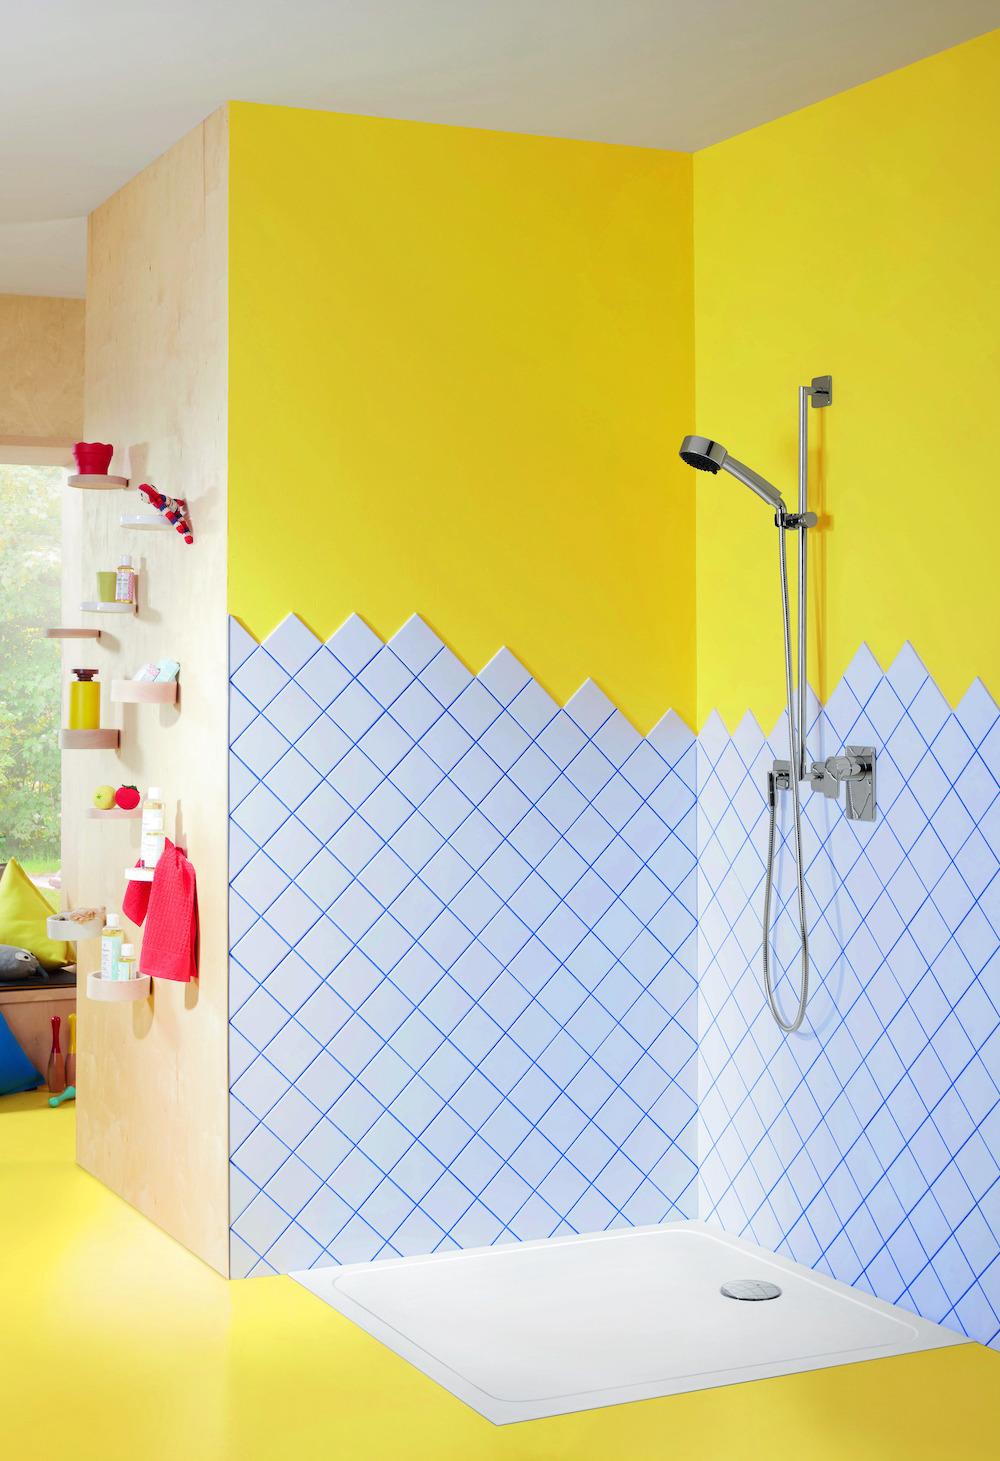 Badkamer met sanitair speciaal voor kinderen van Villeroy & Boch. O.novo innovatieve en kindervriendelijke sanitair-collectie #villeroyboch #onovo #kinderen #badkamer #douche #kinderdouche #kinderbadkamer #badkamerinspiratie #kleur